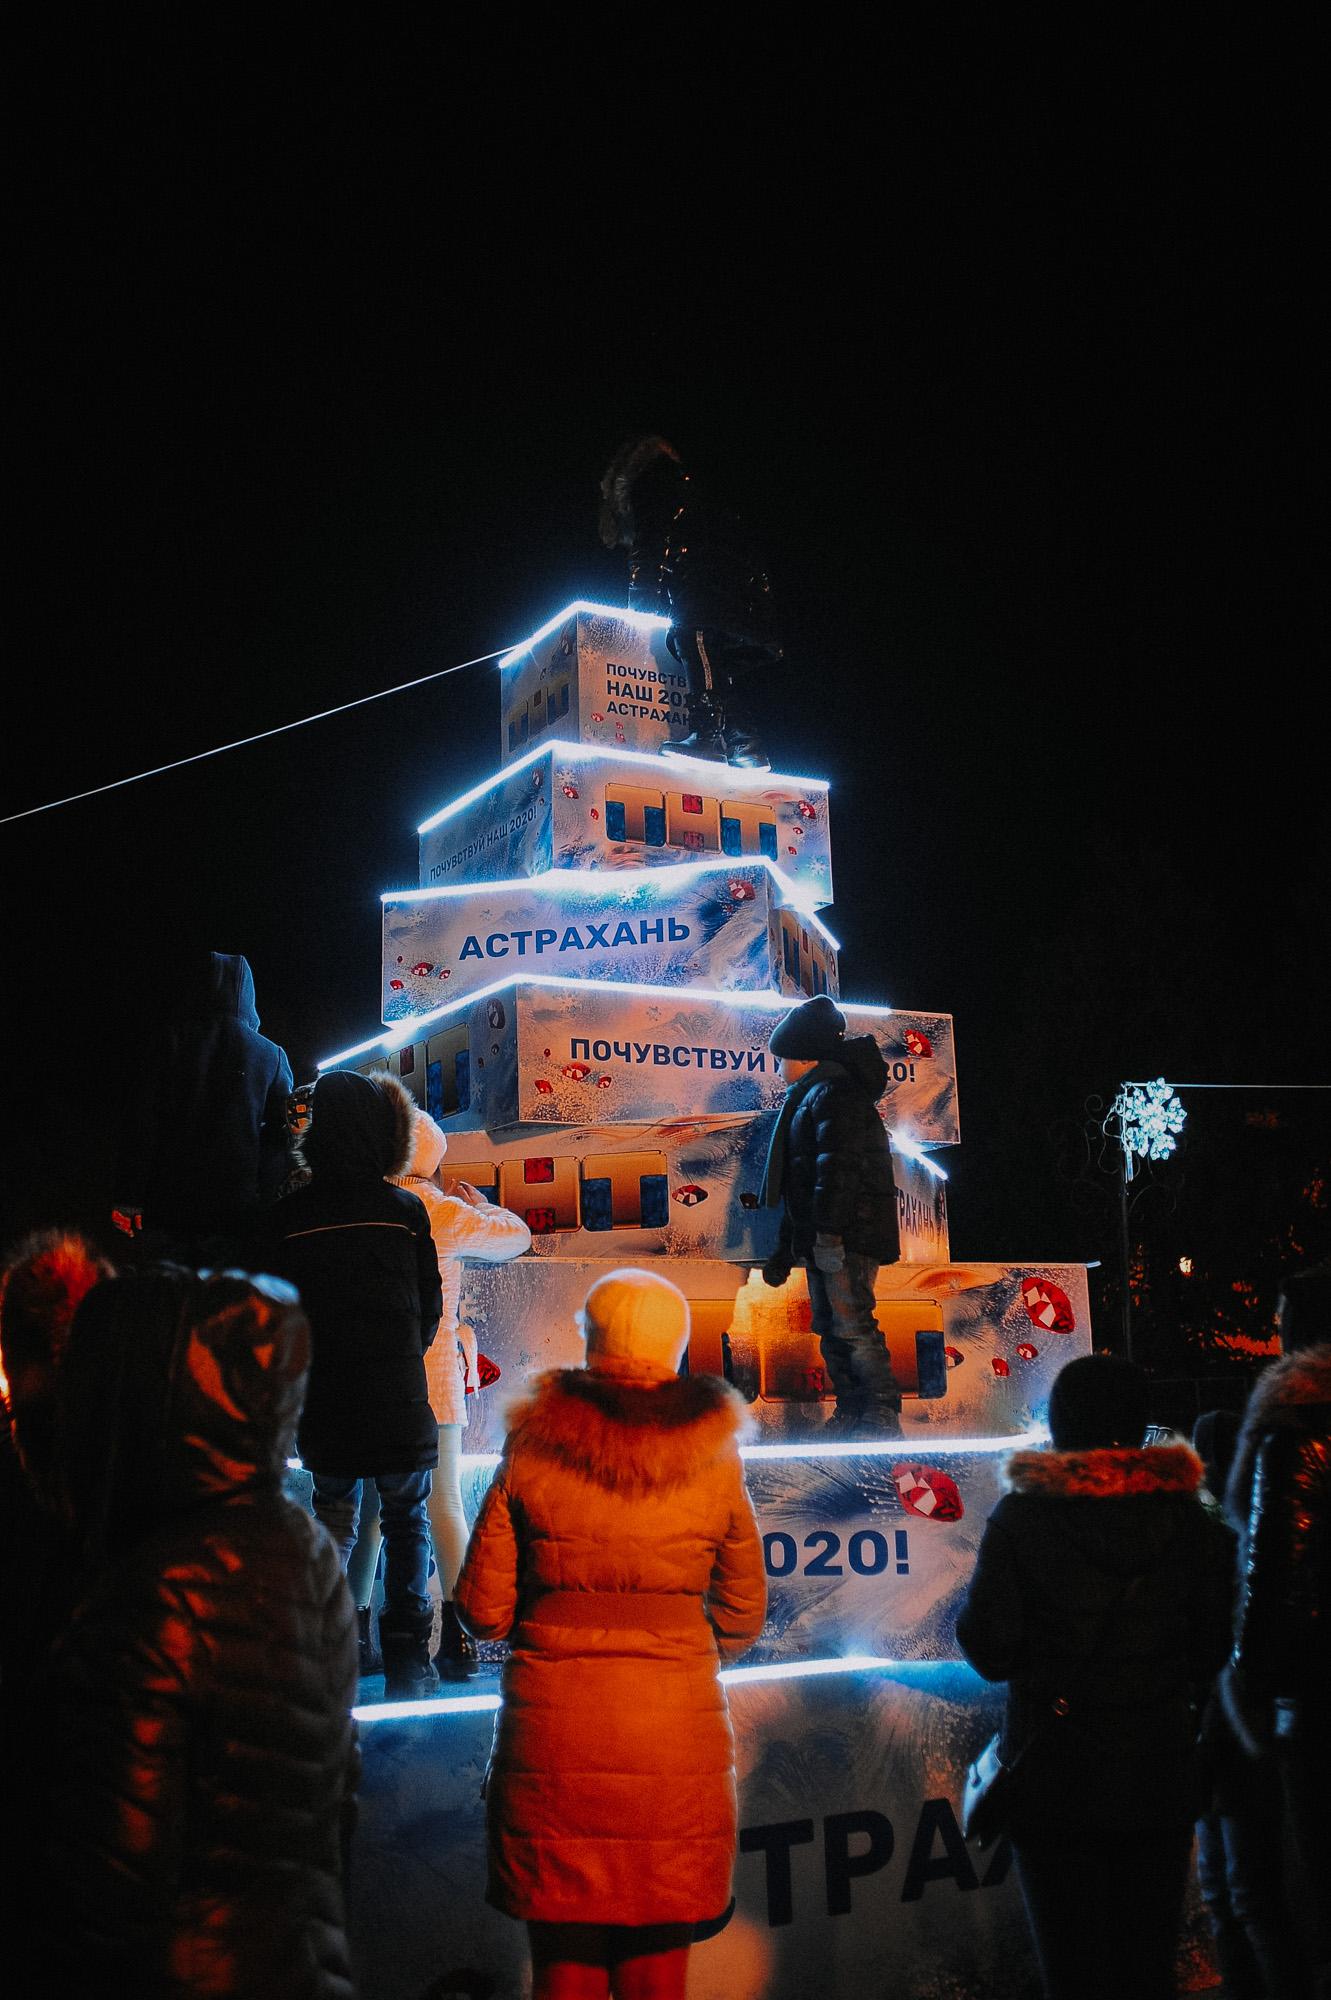 ZZZ 6850 В Астрахани на площади Ленина зажгли новогоднюю елку: кадры торжества